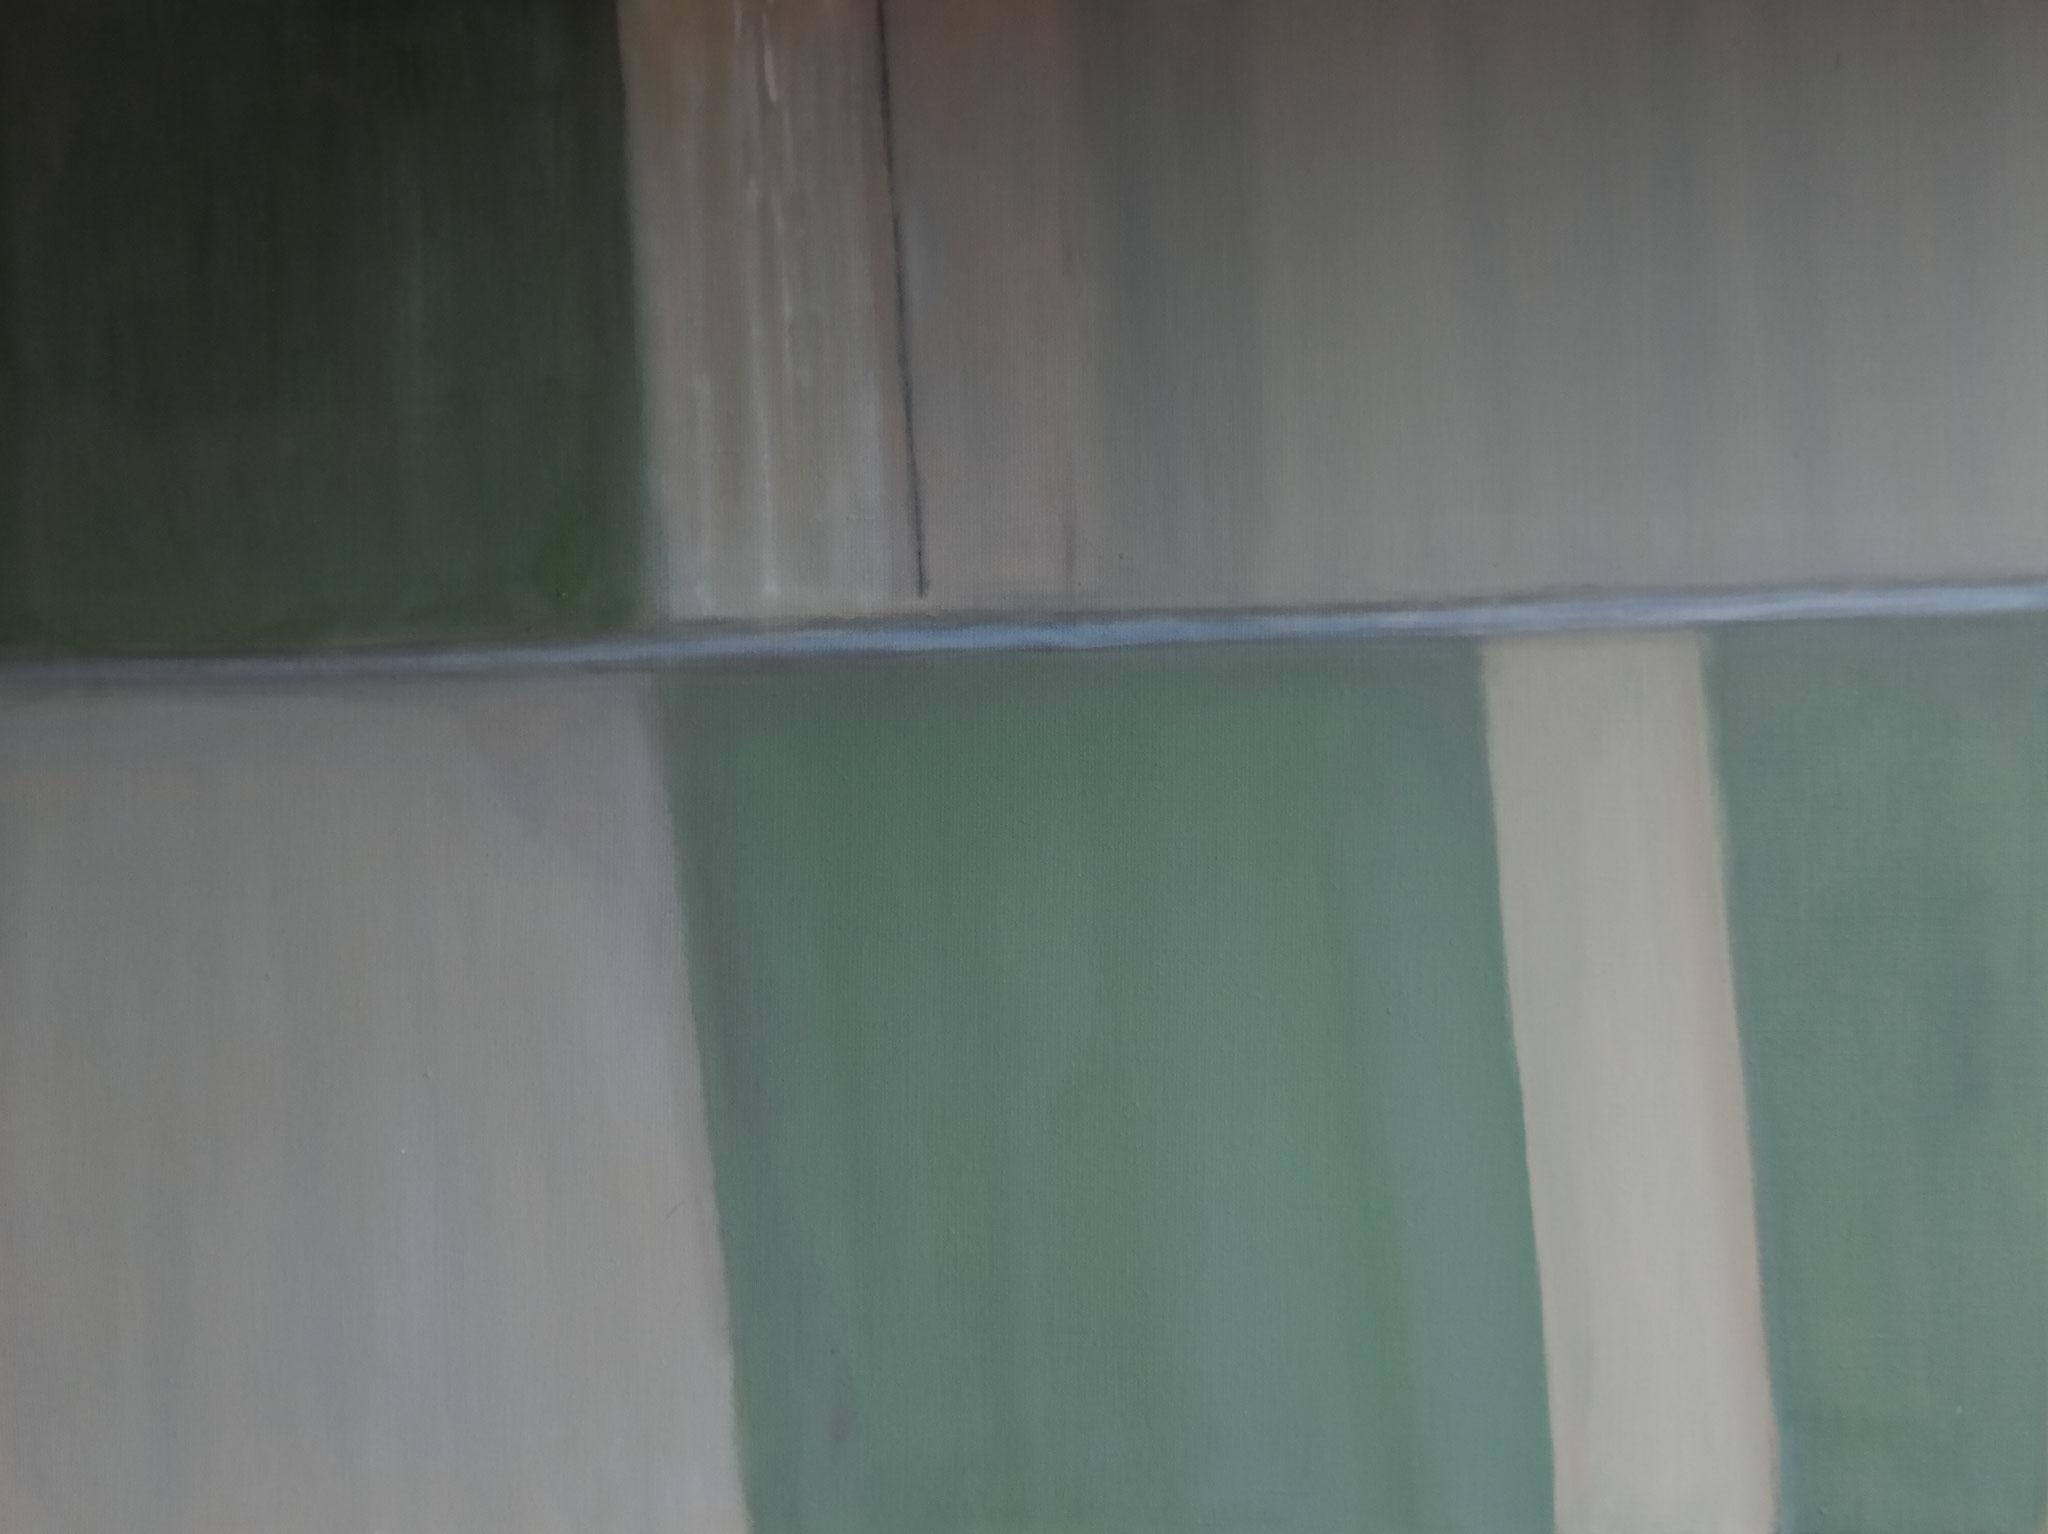 vonoben 3von4 | 60x80cm | acryl auf leinen | 2013